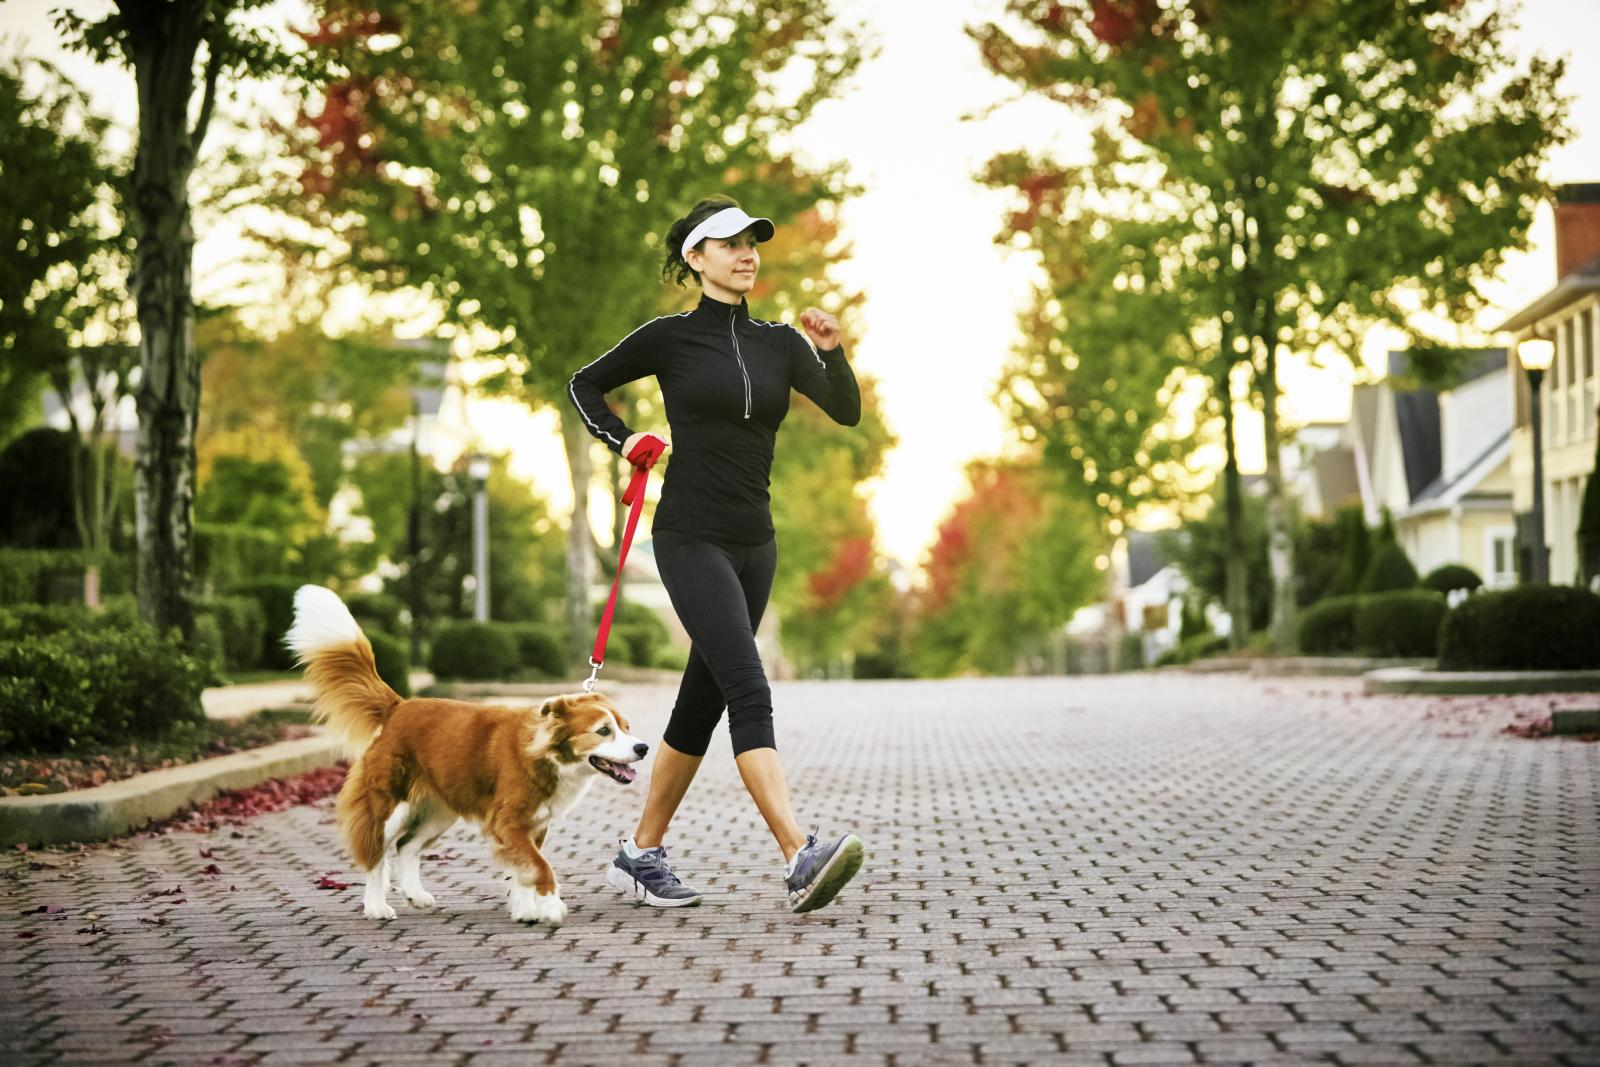 Uz postizanje dobre forme i kondicije hodanjem ćete prevenirati nastanak brojnih bolesti.